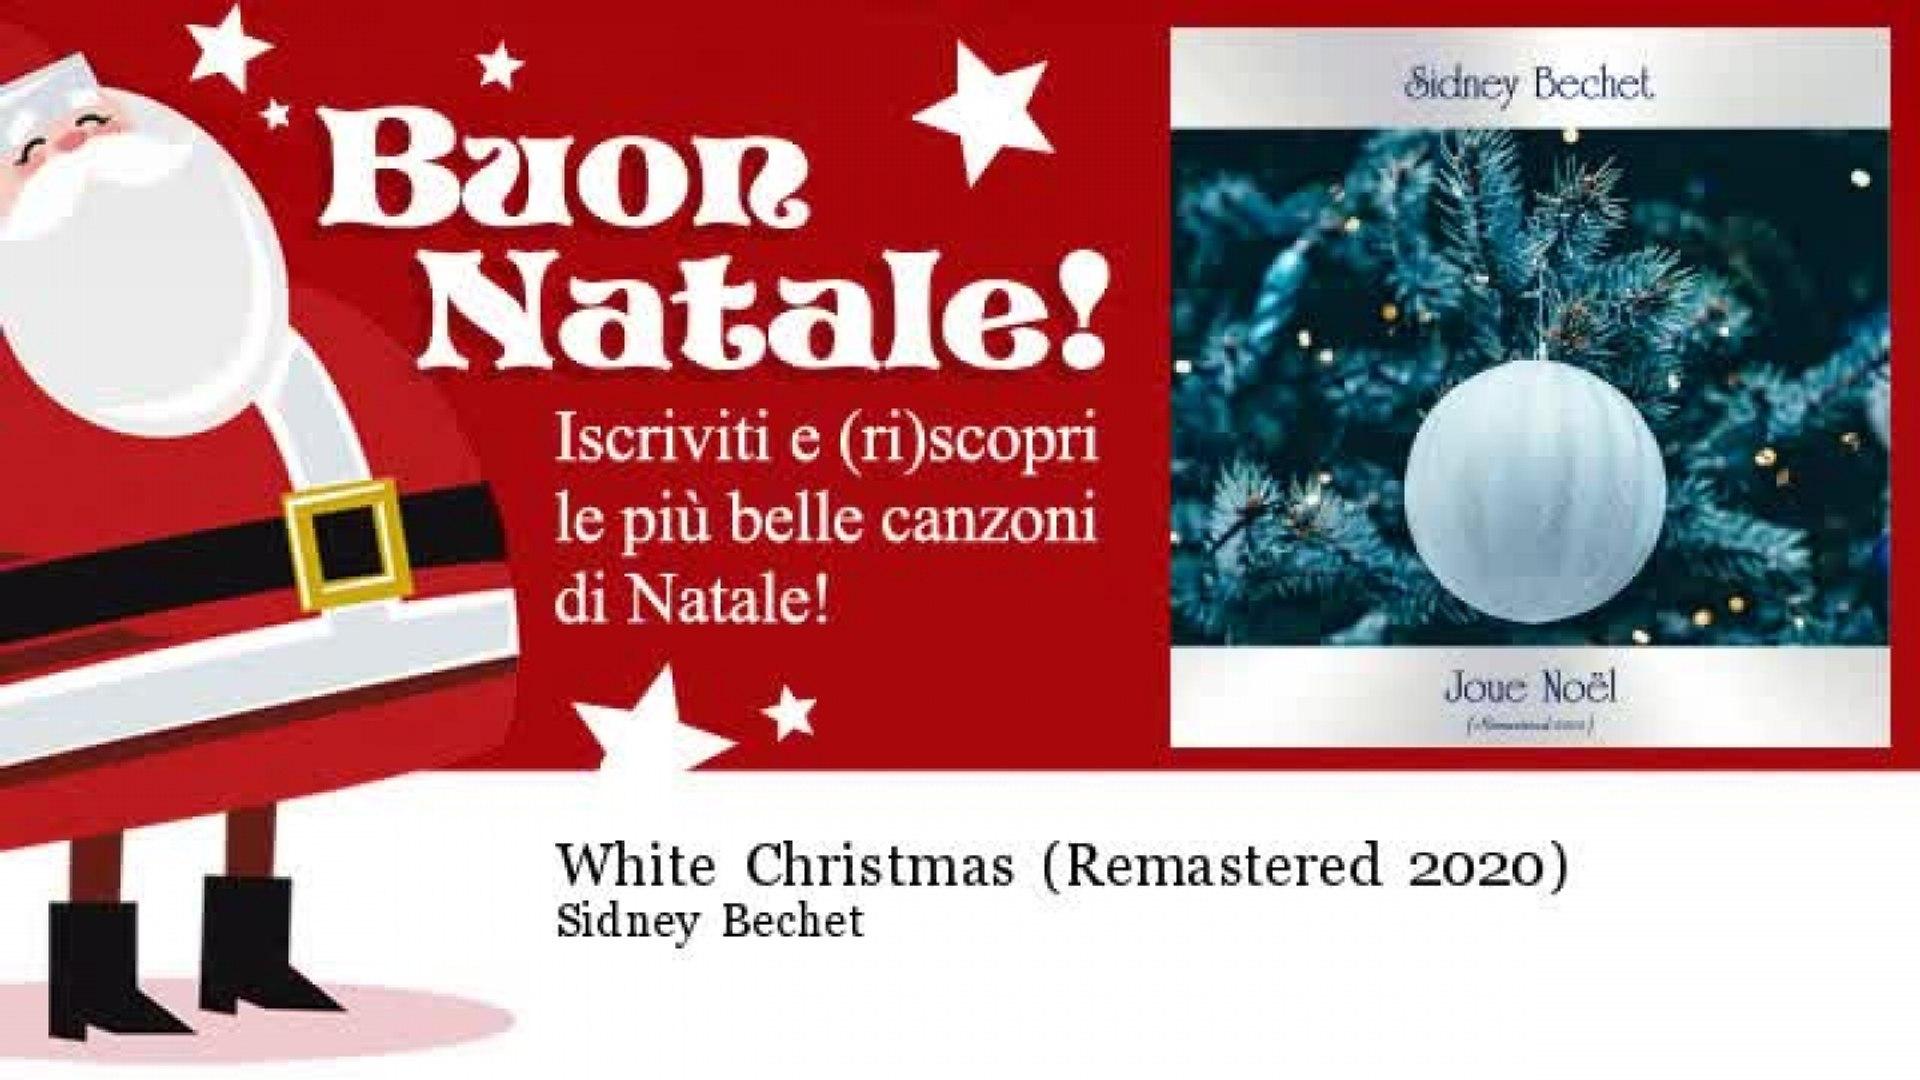 Sidney Bechet - White Christmas - Remastered 2020